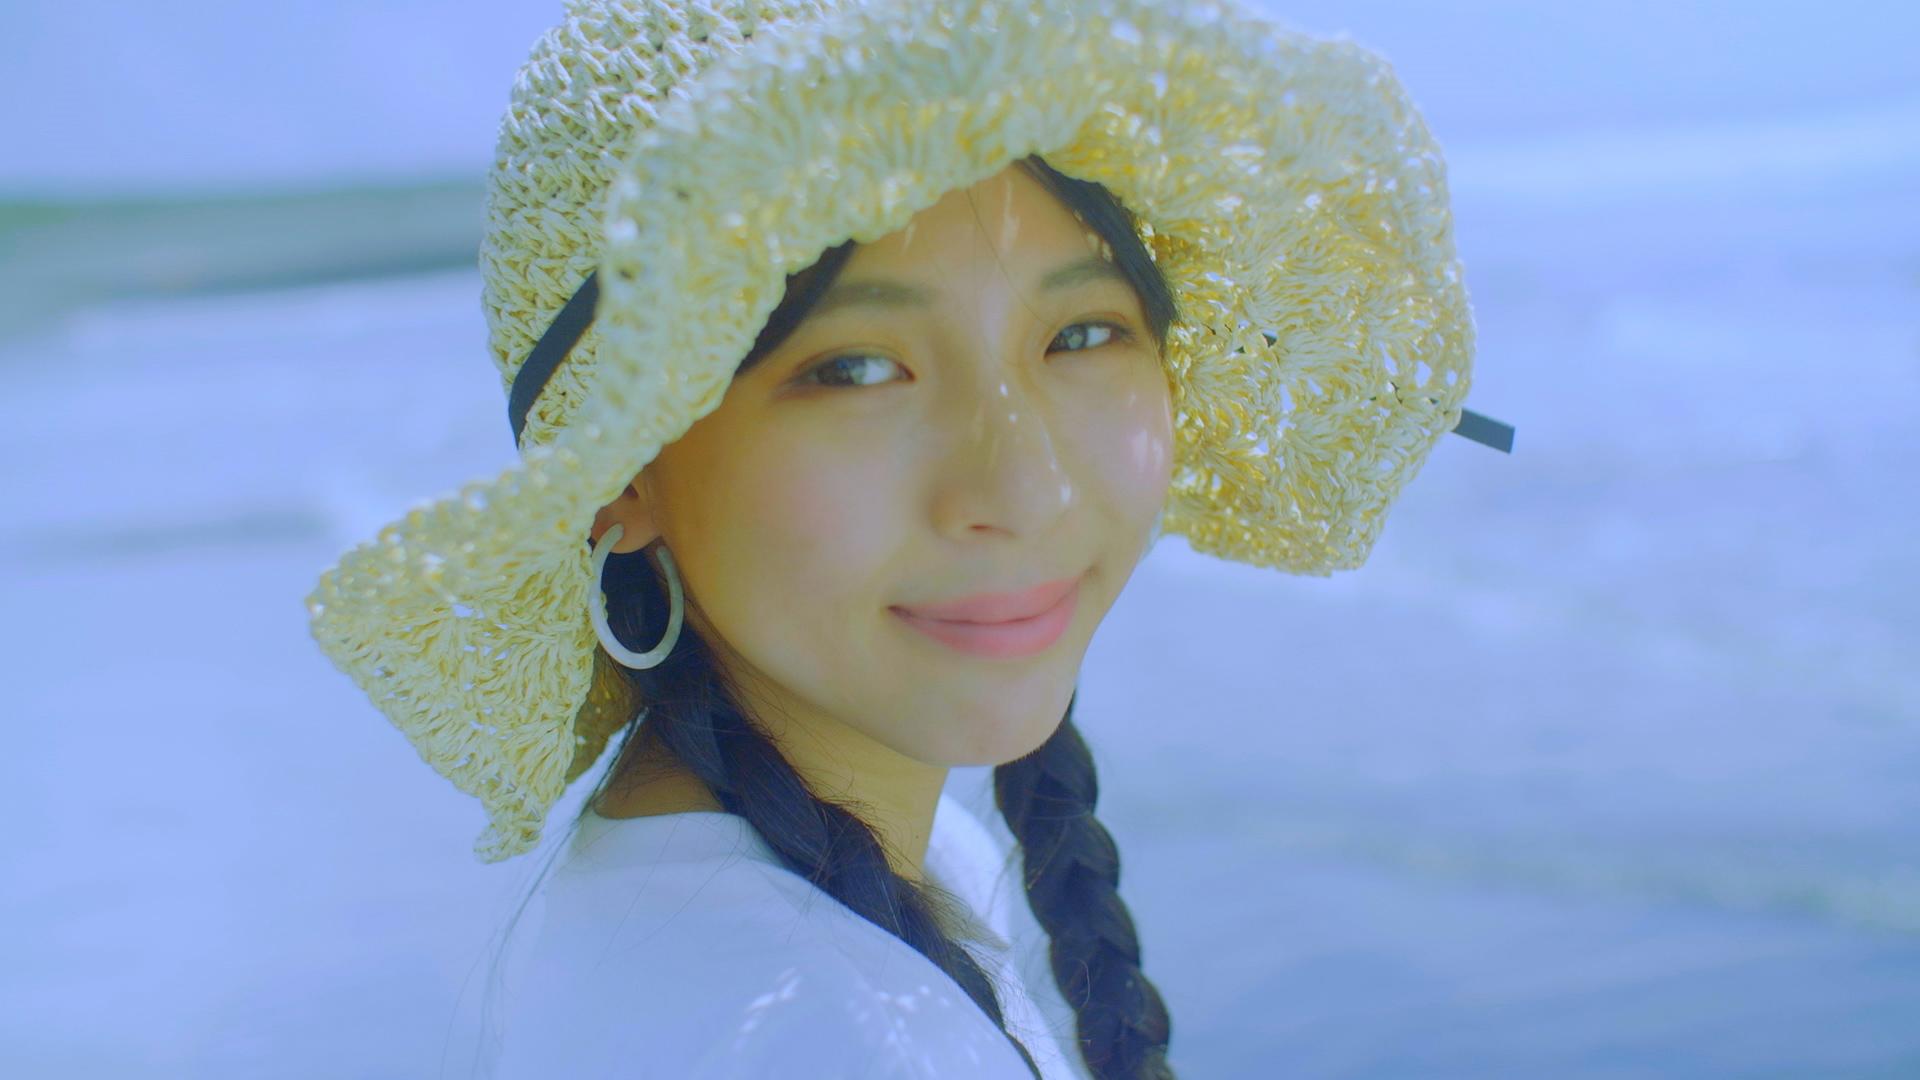 「オオカミちゃんには騙されない」で話題のカリスマモデル・ミチがHAN-KUN(湘南乃風)のMV初出演